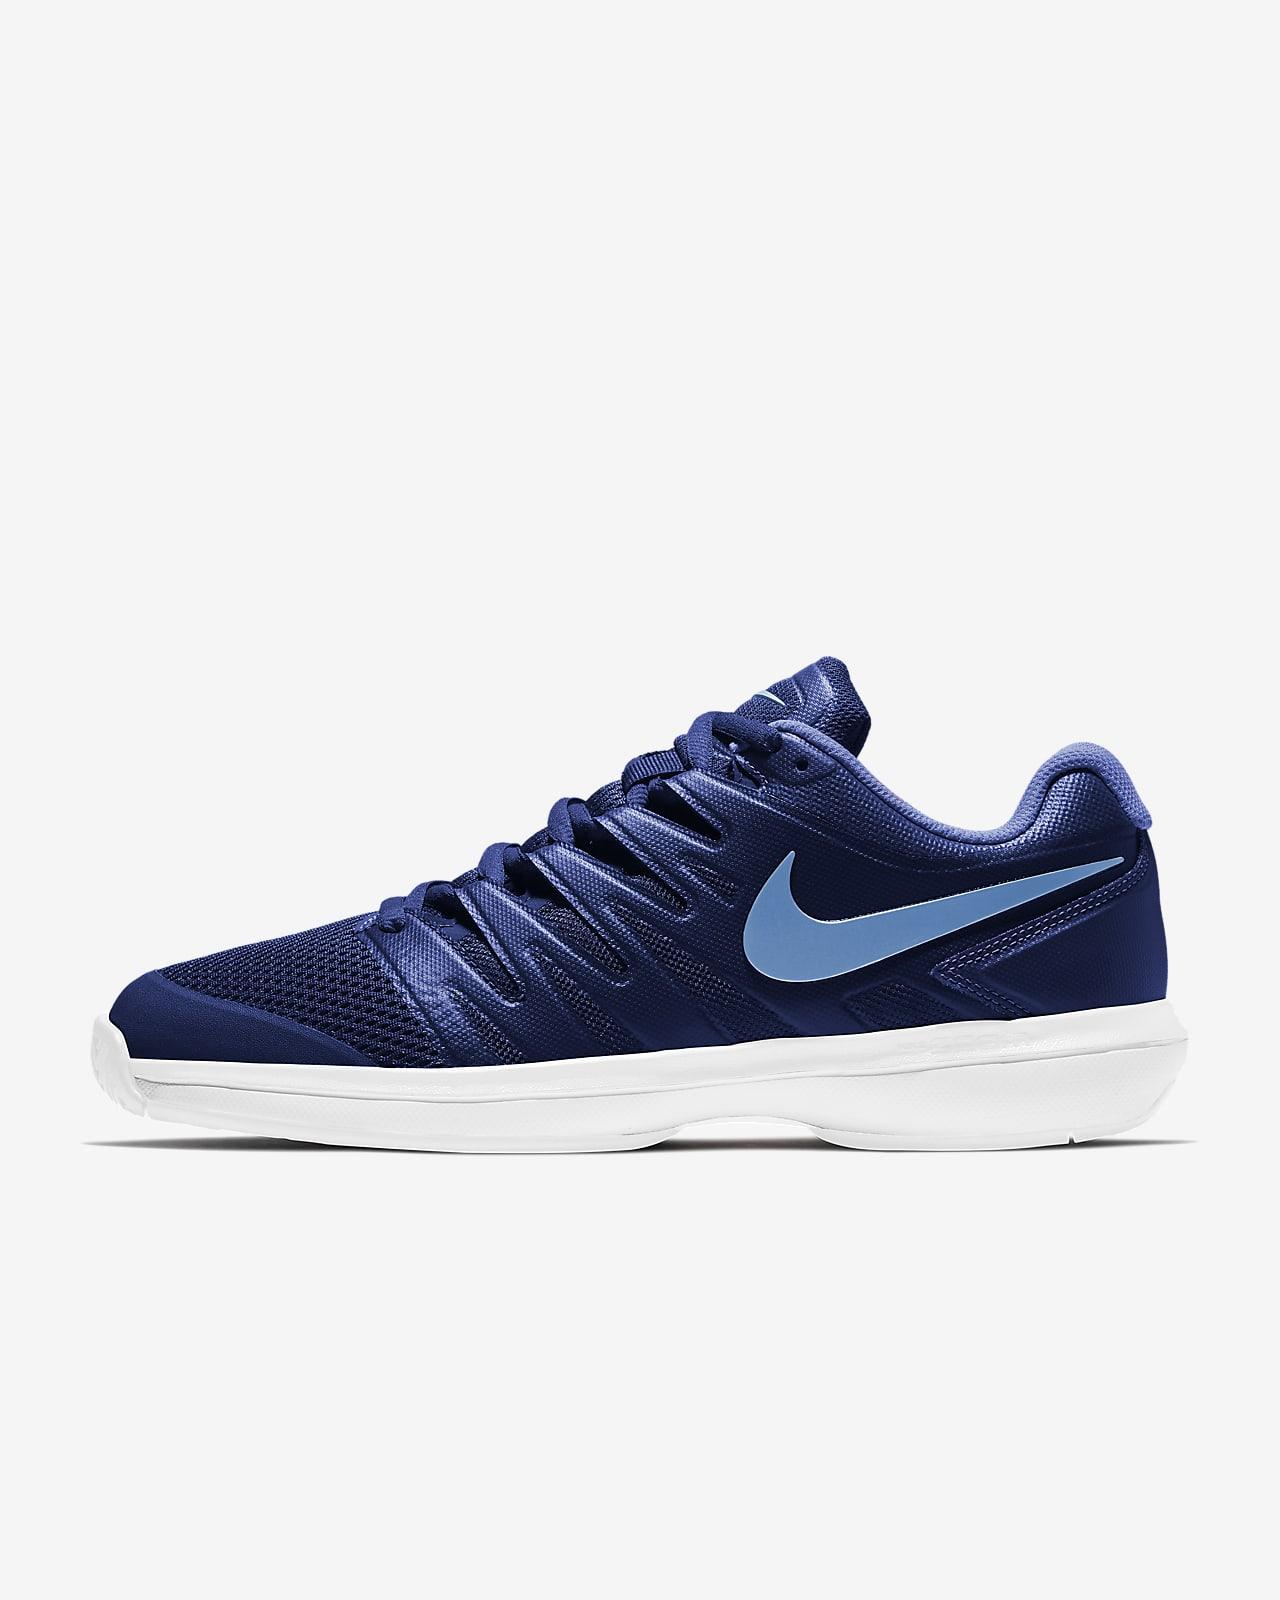 NikeCourt Air Zoom Prestige Zapatillas de tenis - Hombre